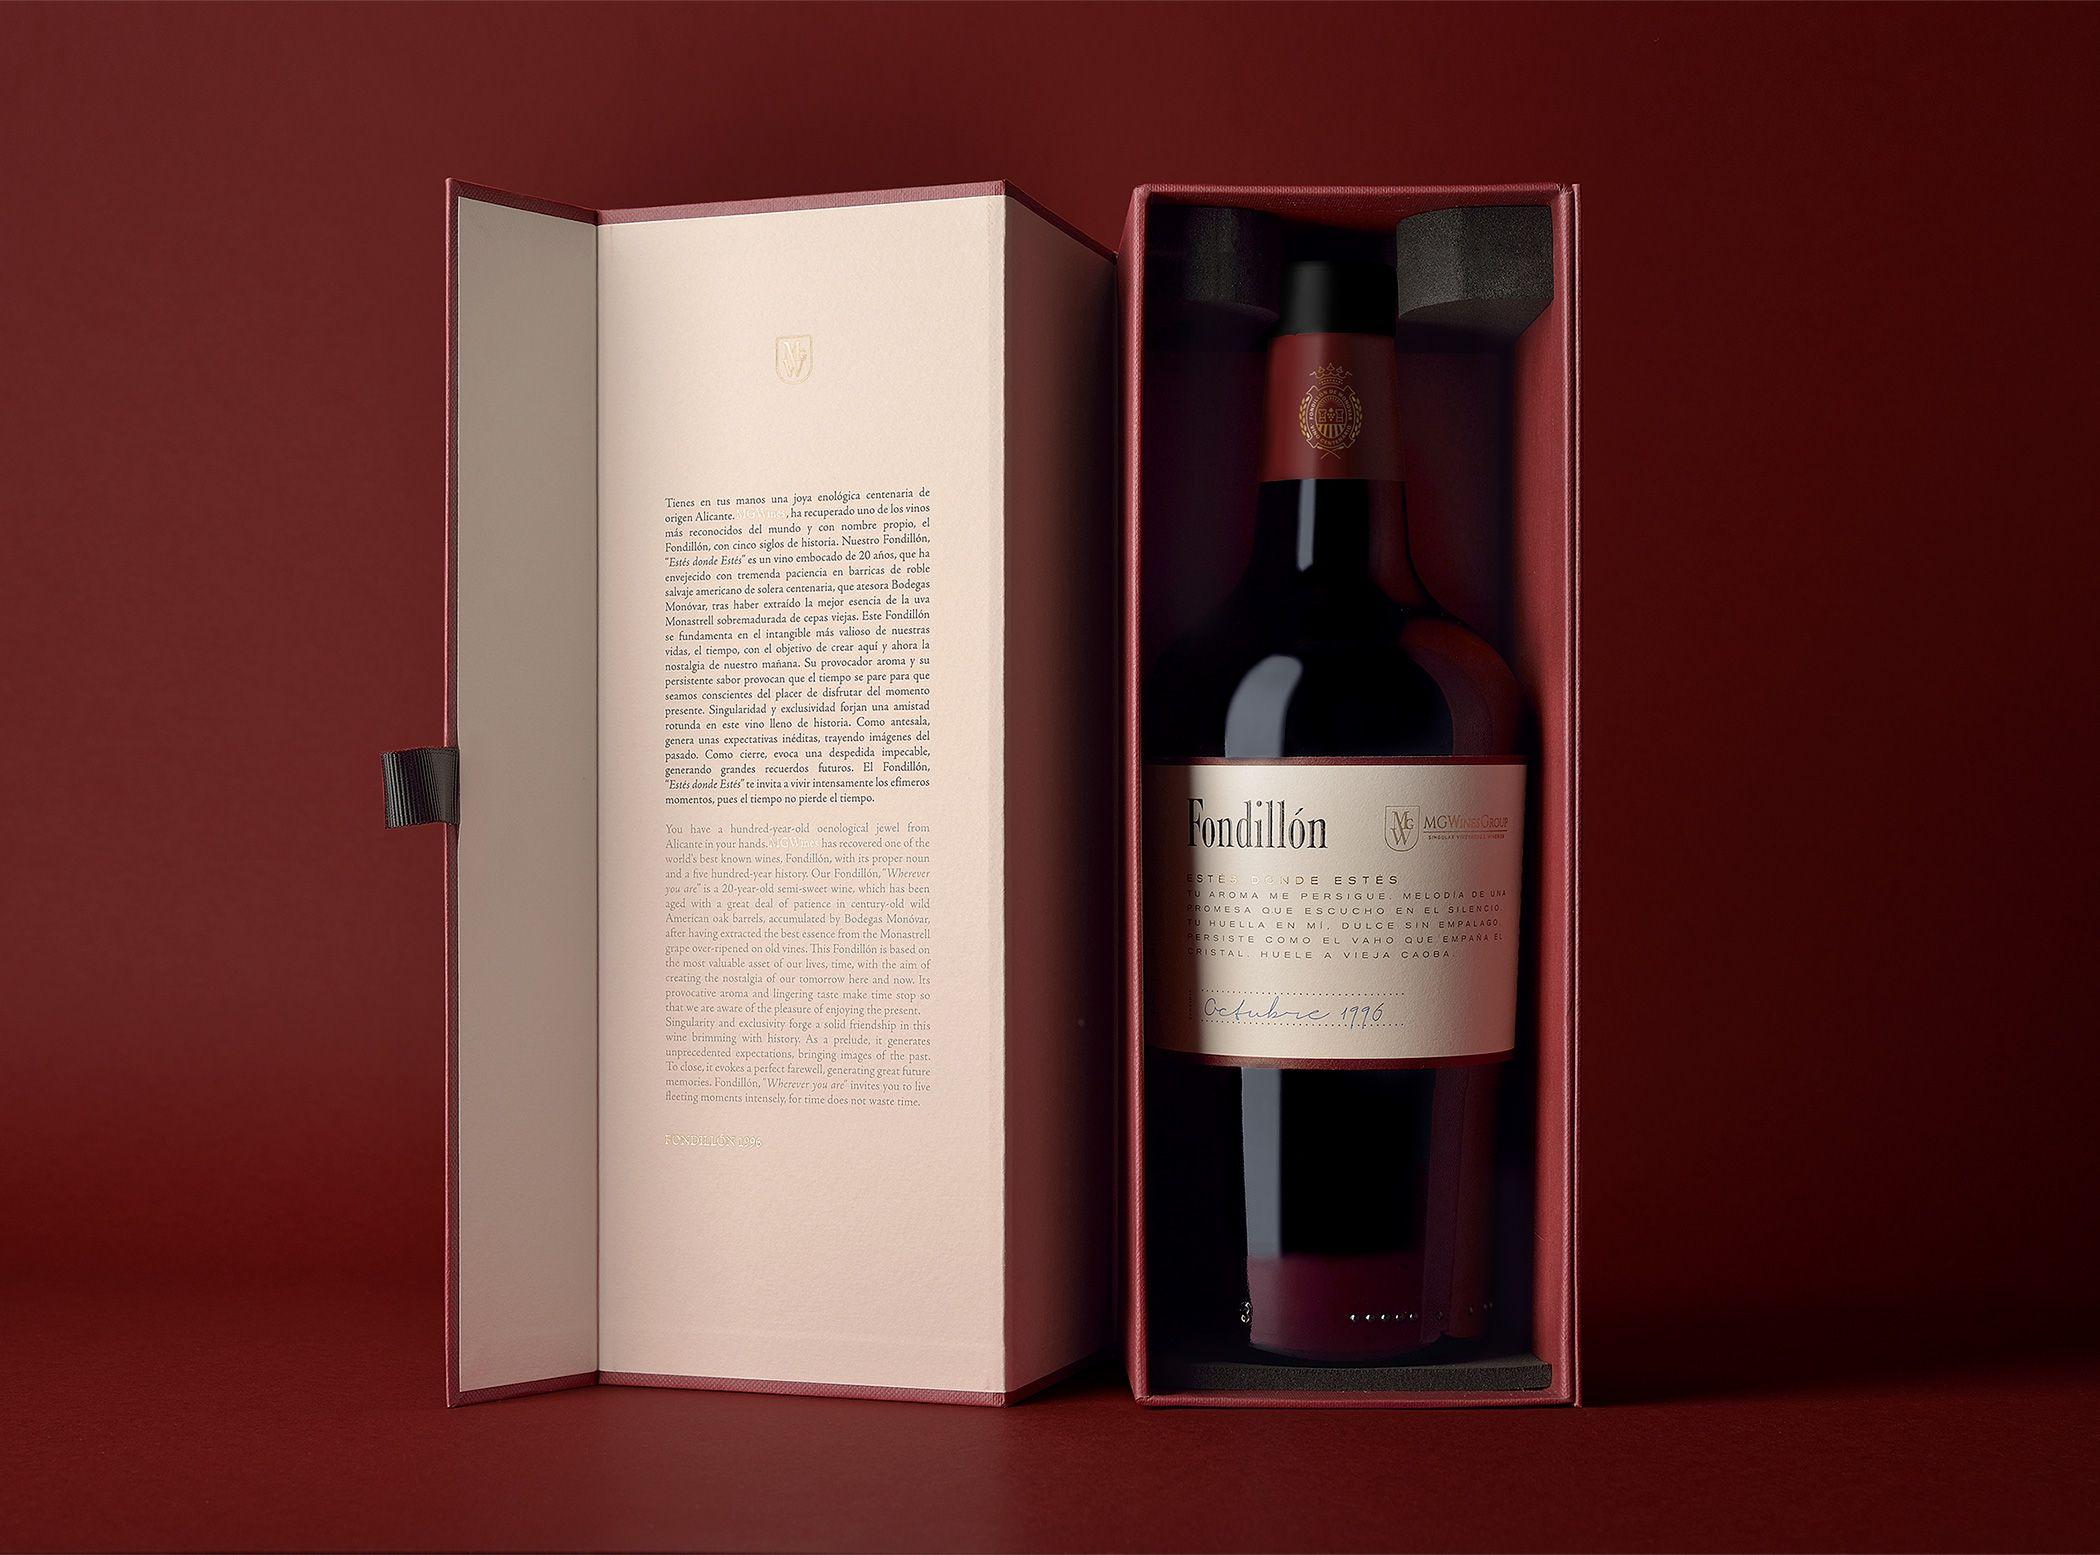 Fondillon On Behance Bottle Packaging Bottle Wine Bottle